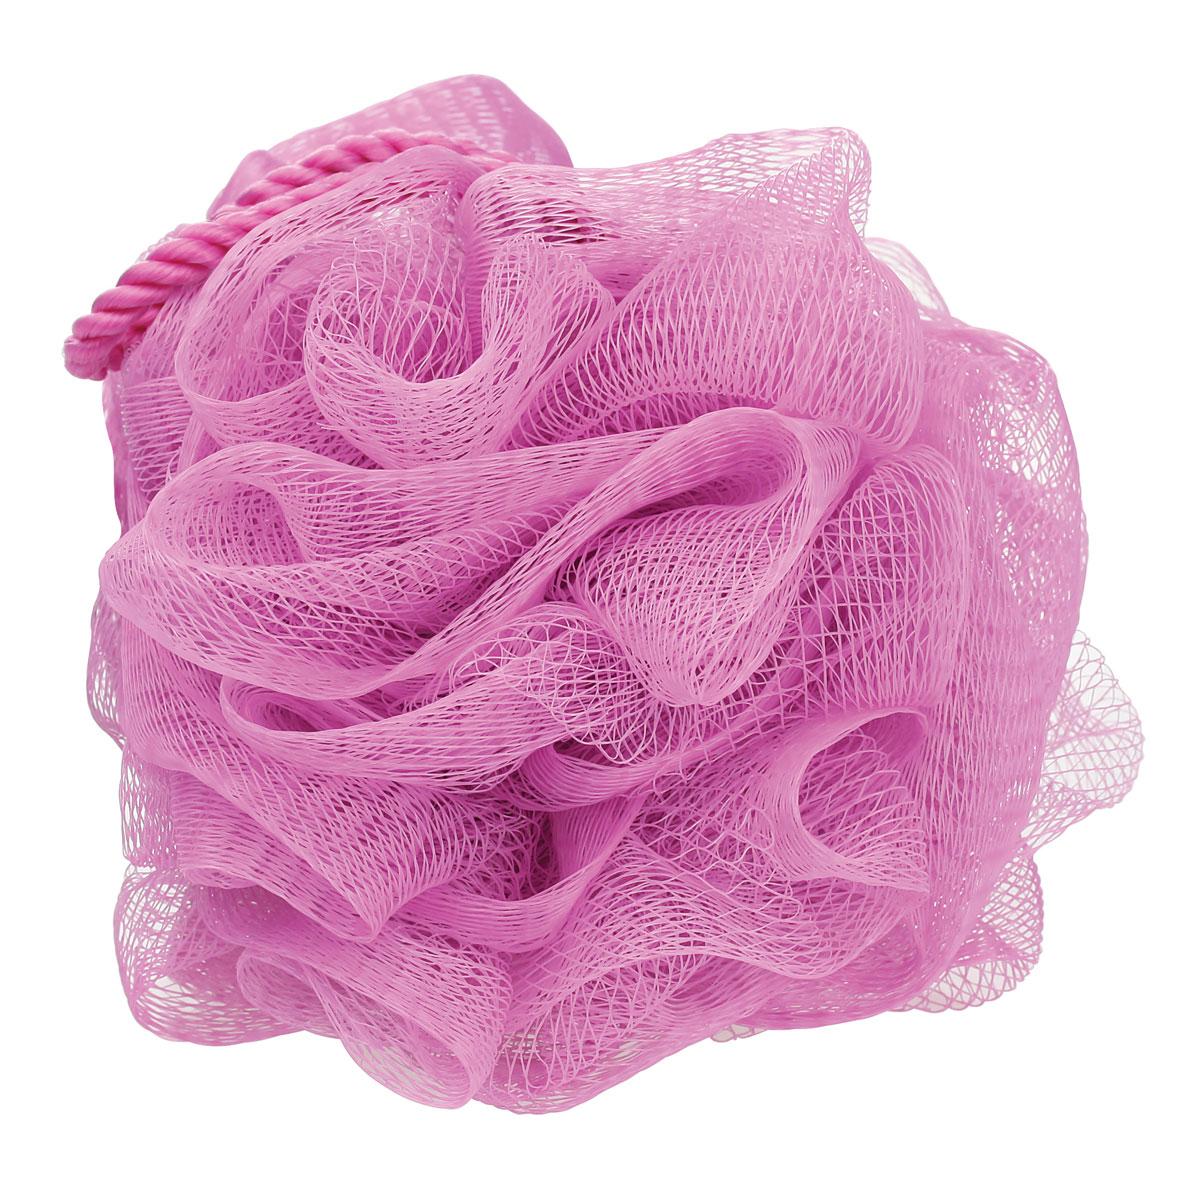 QVS Luxe Bath Sponge Мочалка для тела со шнуром